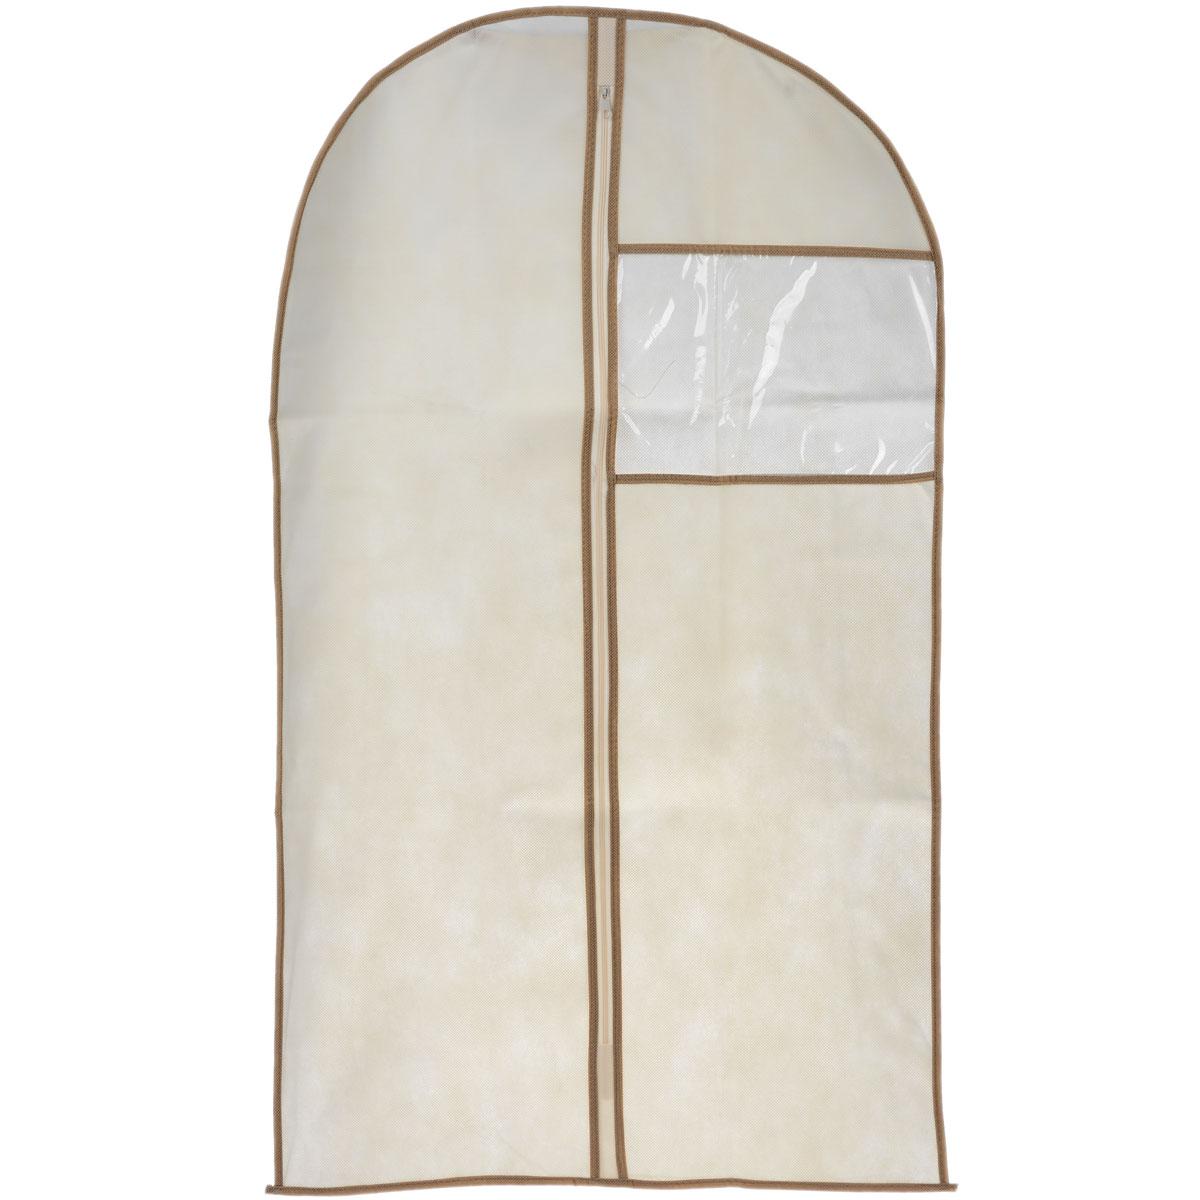 Чехол для пиджака Cosatto, цвет: бежевый, 100 см х 60 смCOVLCAT020 бежевыйЧехол для пиджака Cosatto изготовлен из дышащего нетканого материала (полипропилен), безопасного в использовании. Предназначен для хранения курток, пиджаков и жакетов. Имеет прозрачное окно, застежку-молнию и специальное отверстие для крючка вешалки. Материал можно протирать в случае загрязнения влажной тряпкой.